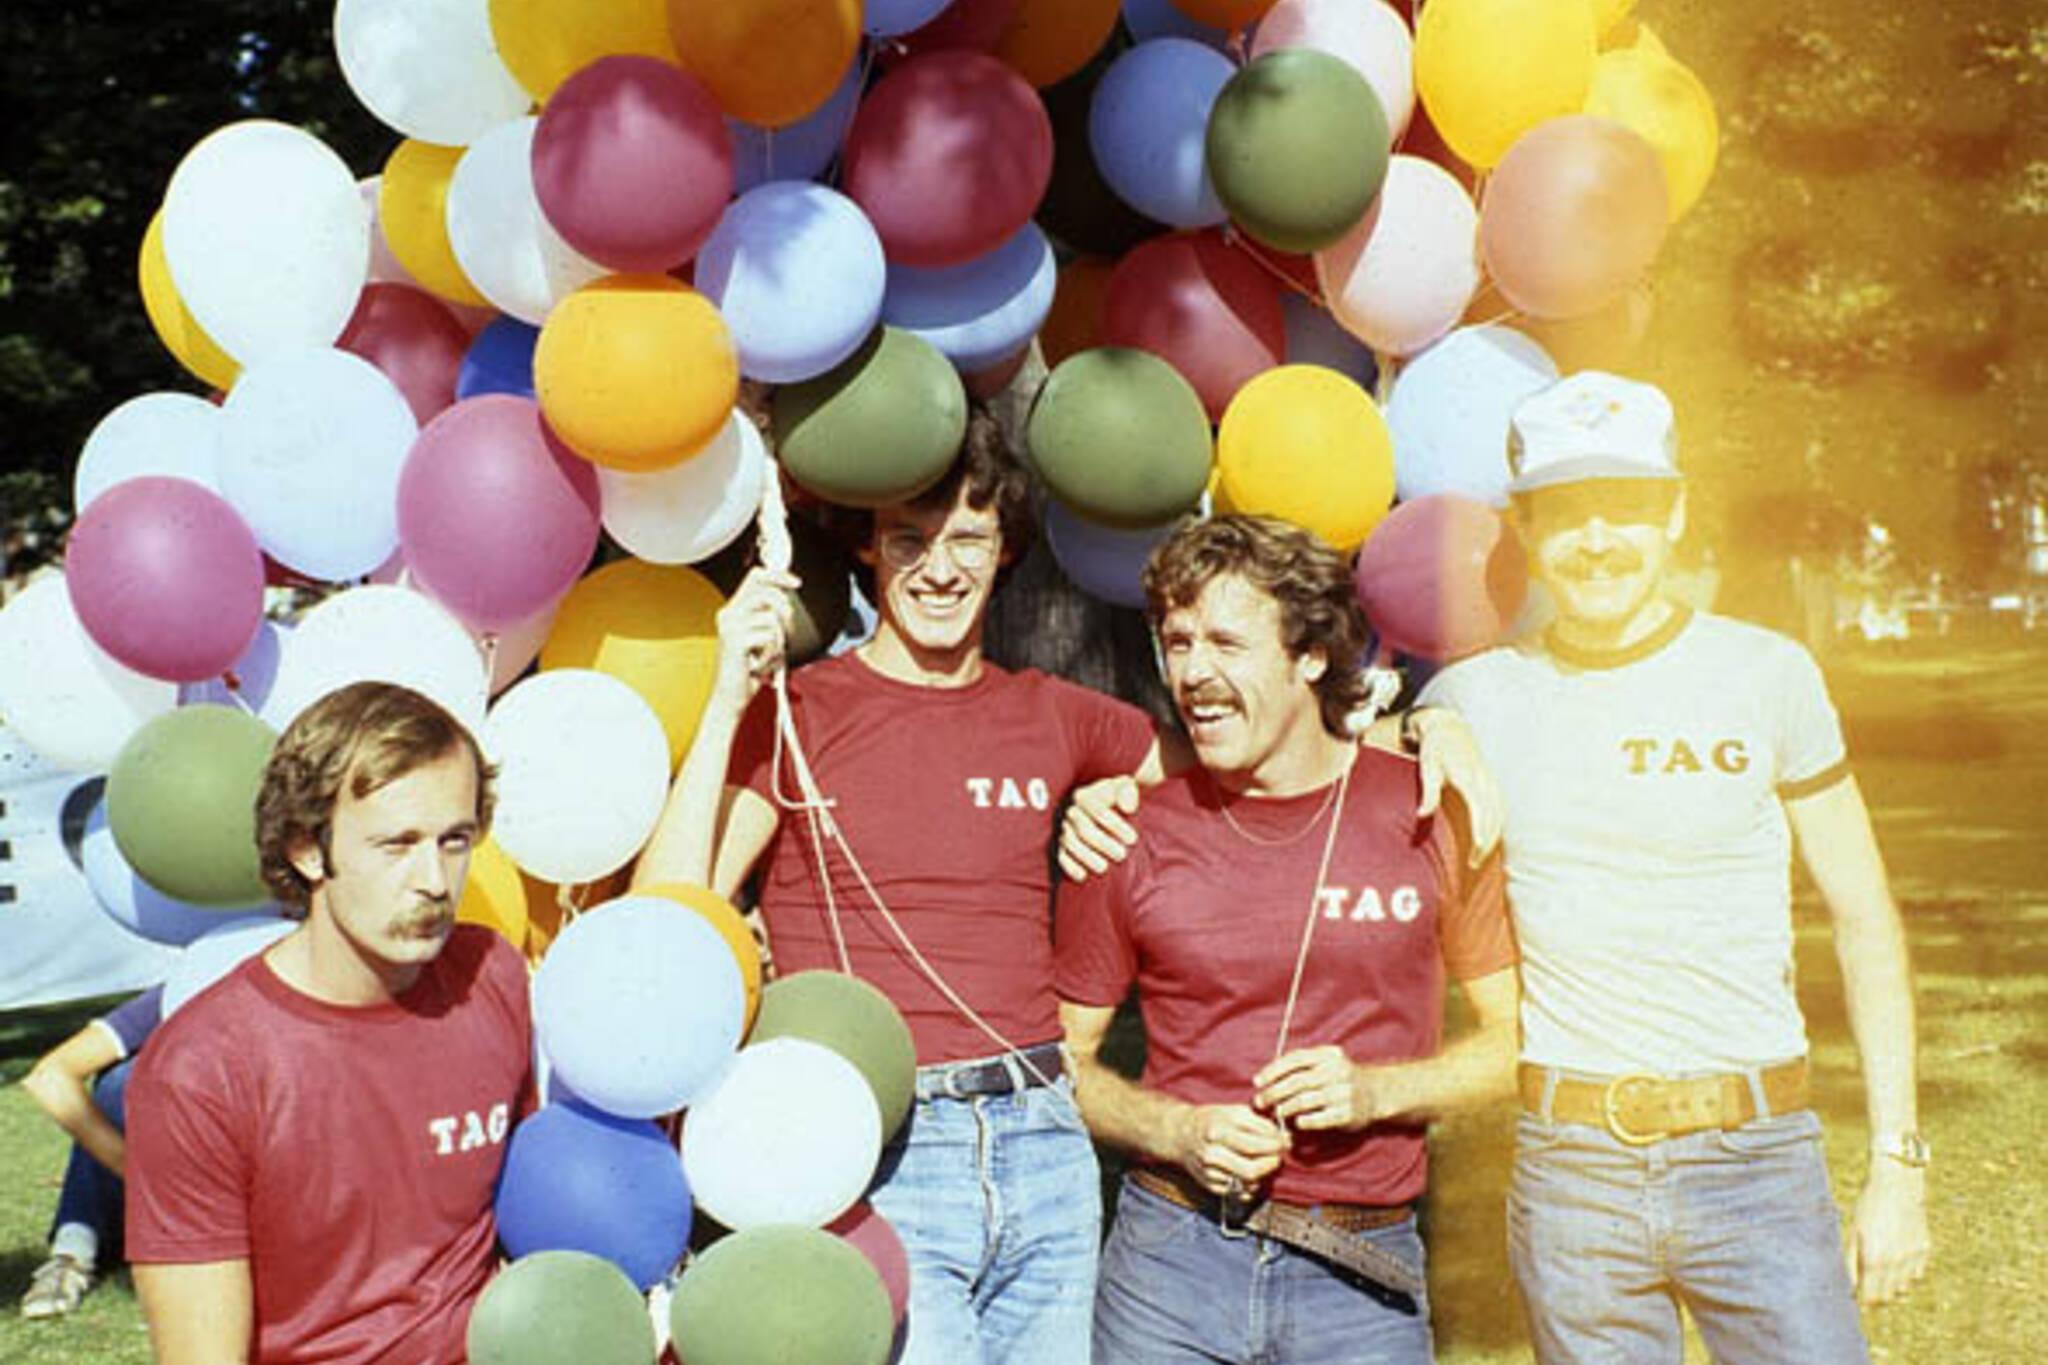 toronto pride history gaydays Queen's Park